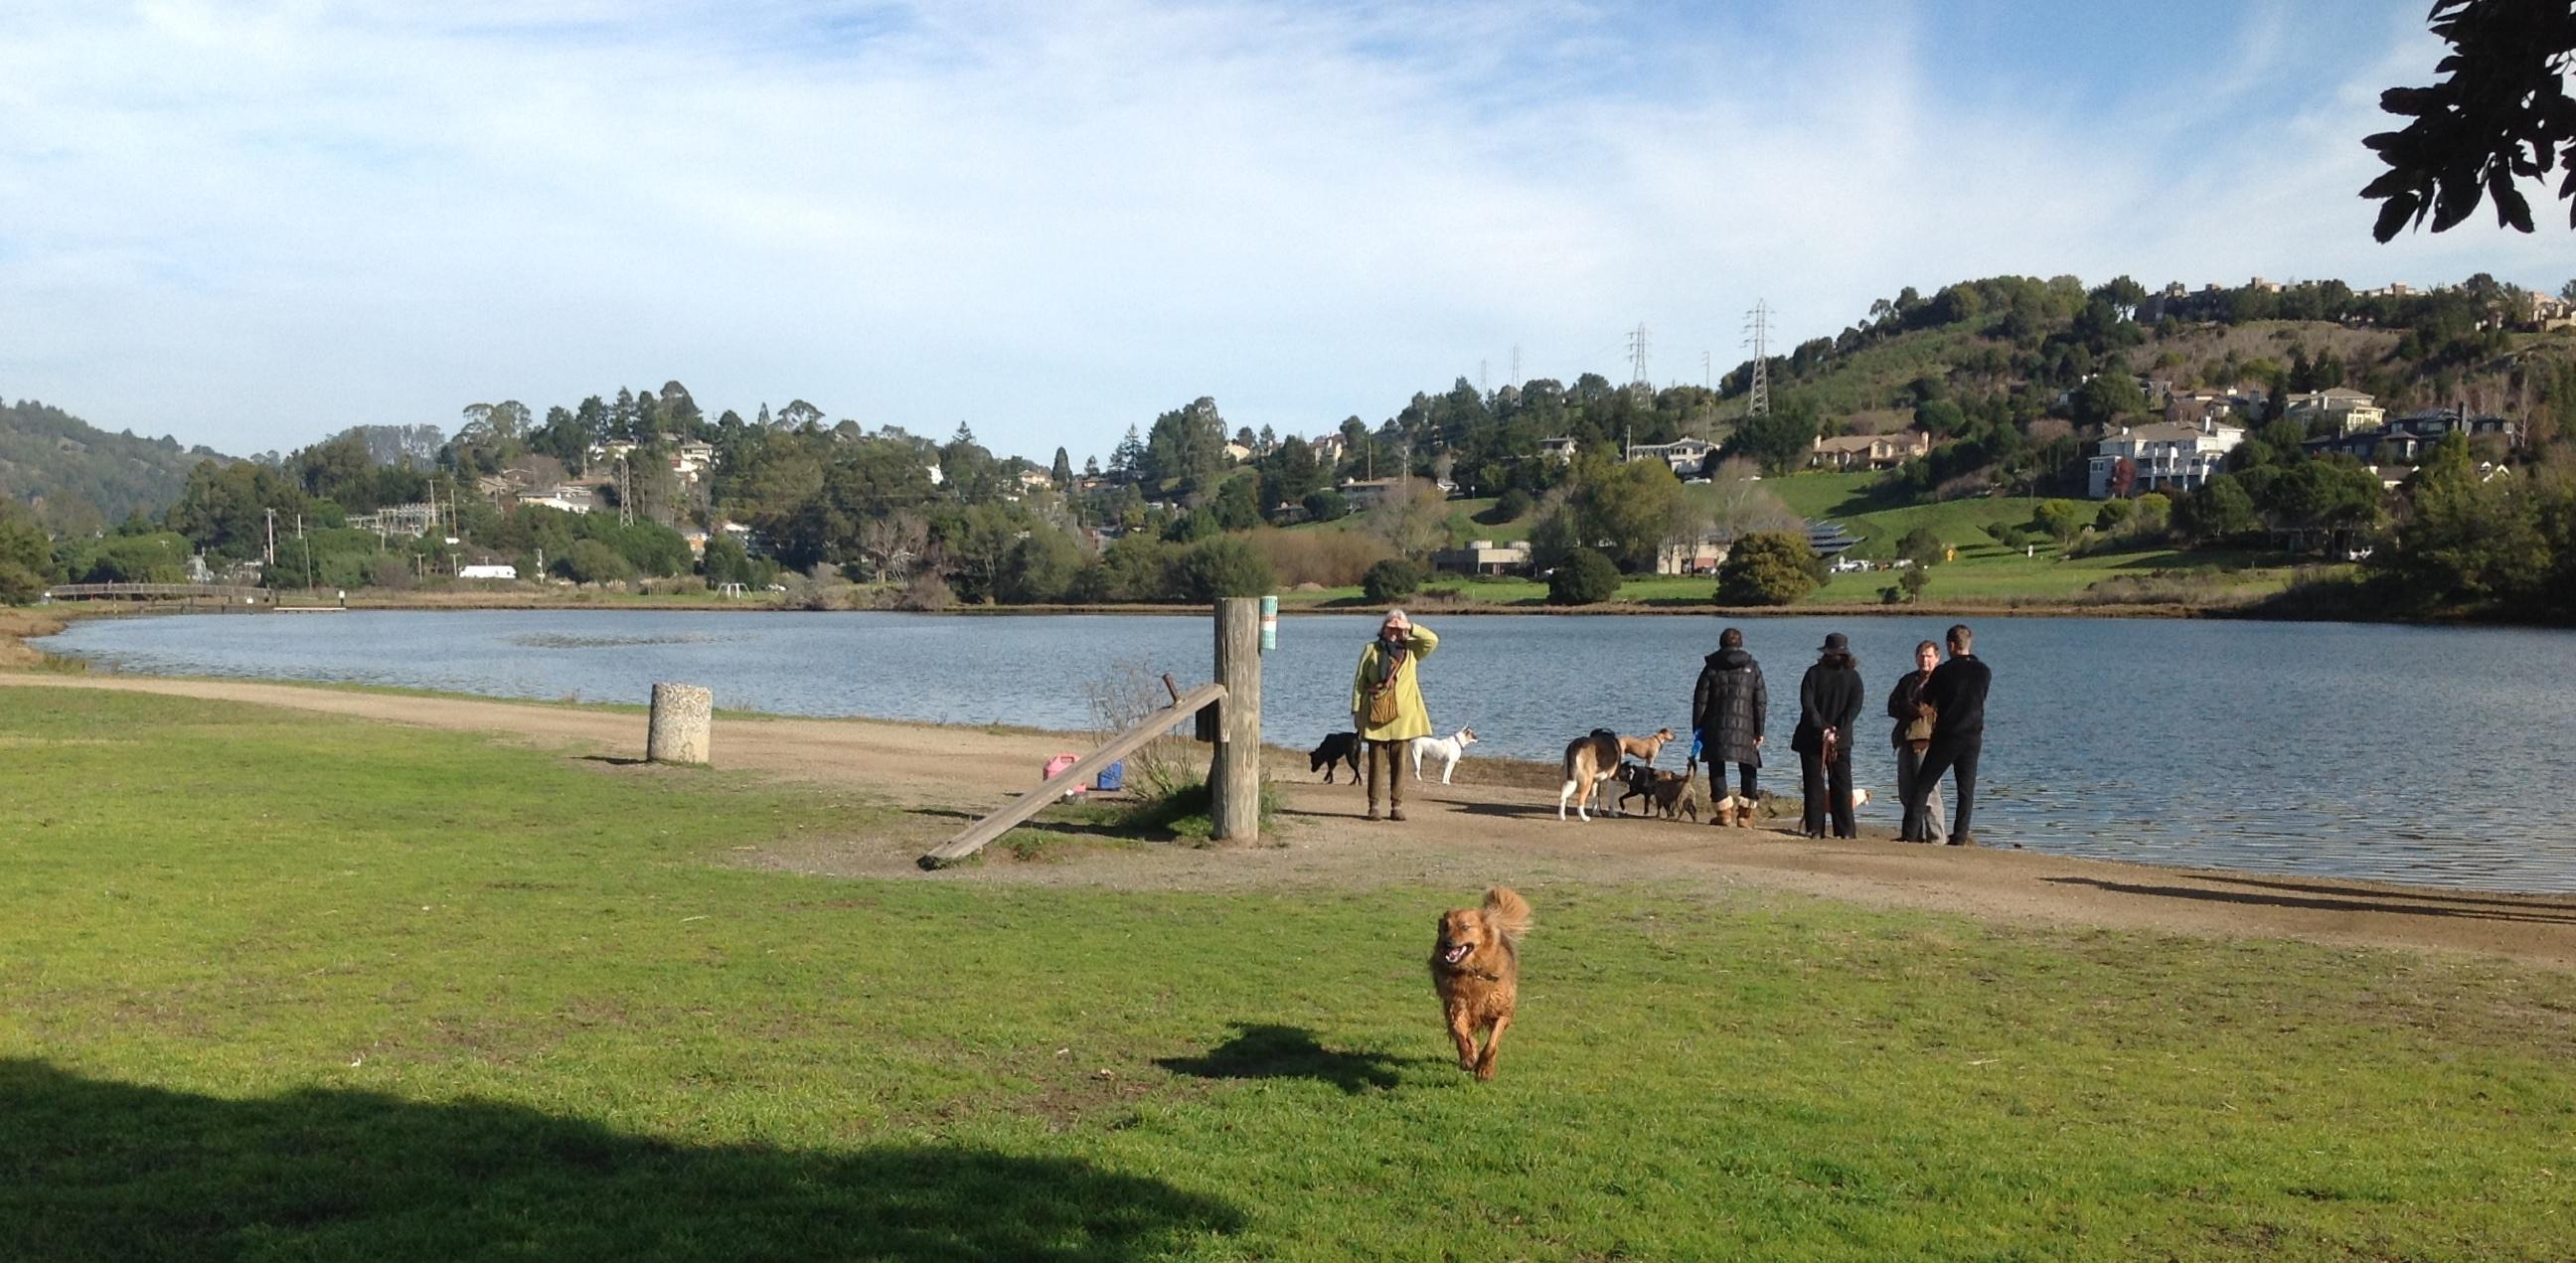 Dog Paddle Area